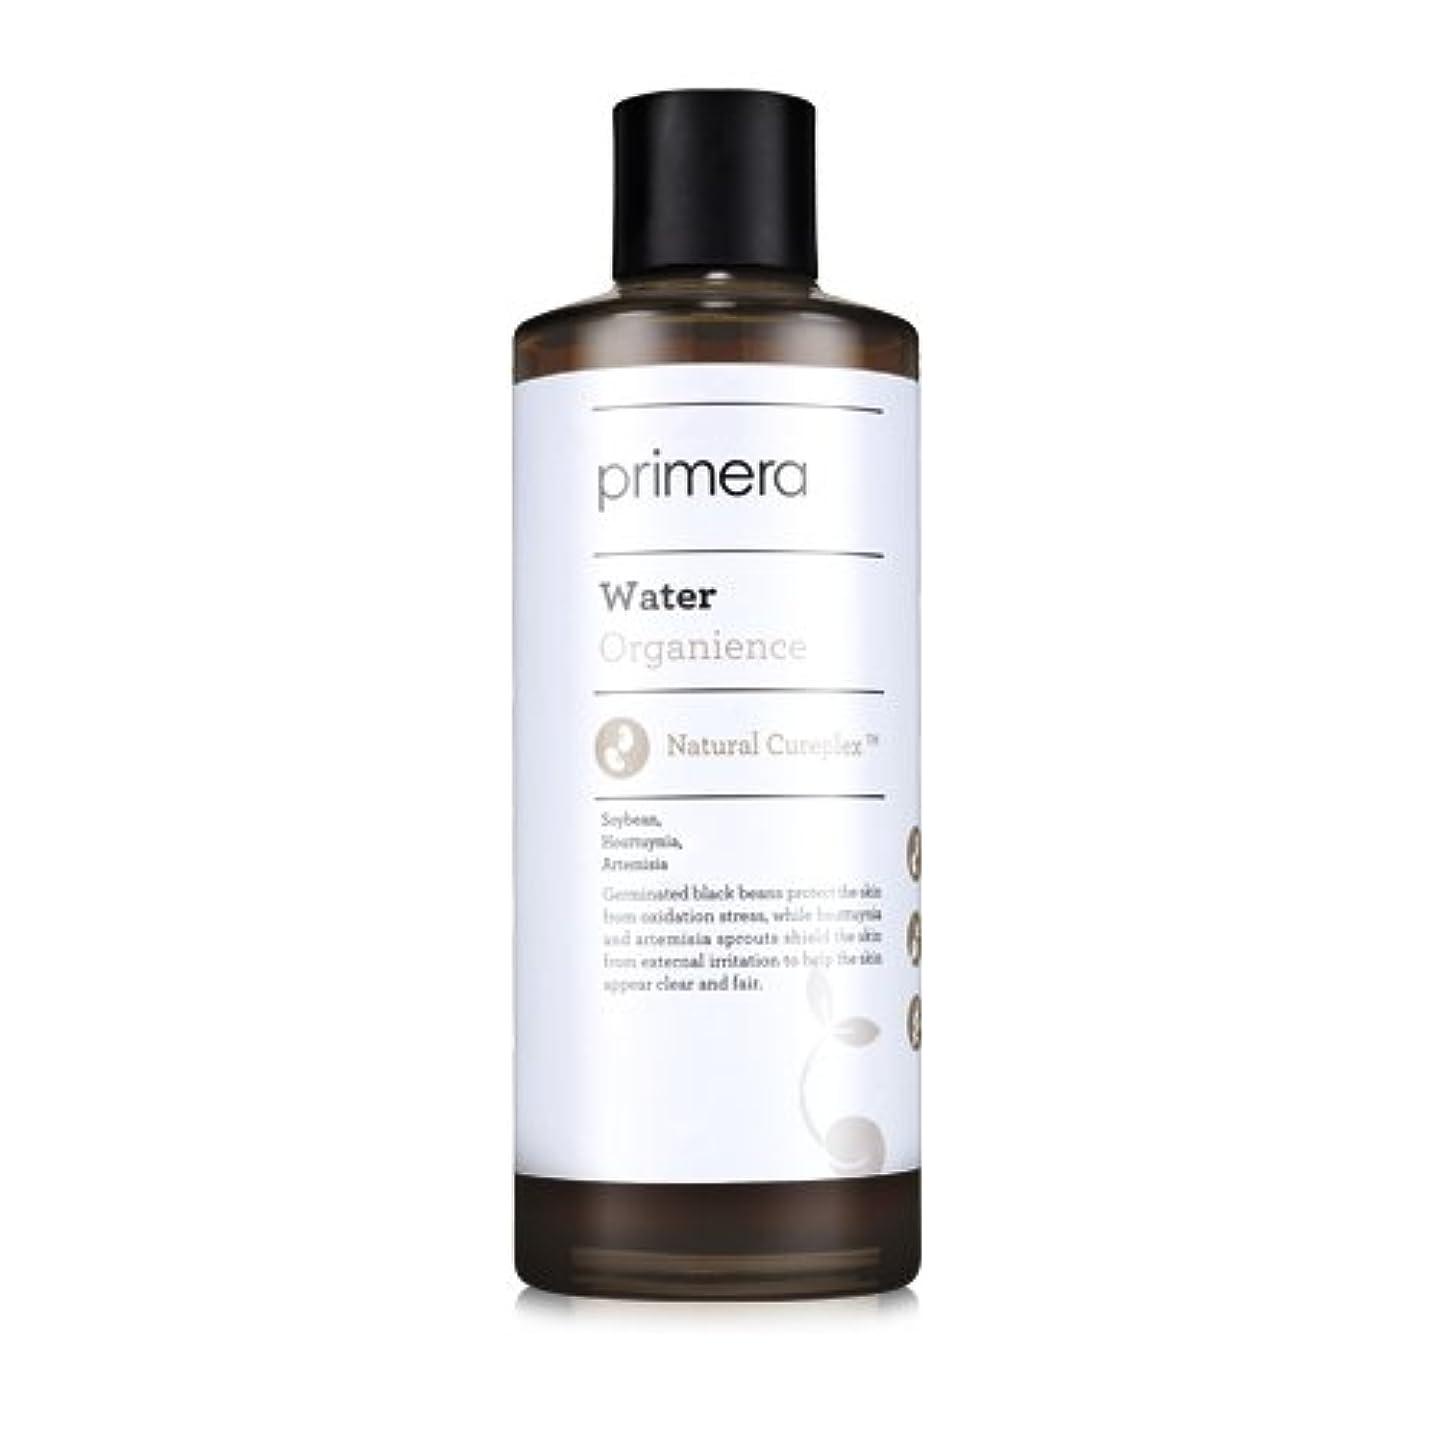 くしゃみ限りなくコンデンサーPRIMERA プリメラ オーガニエンス エマルジョン(Organience Emulsion)乳液 150ml